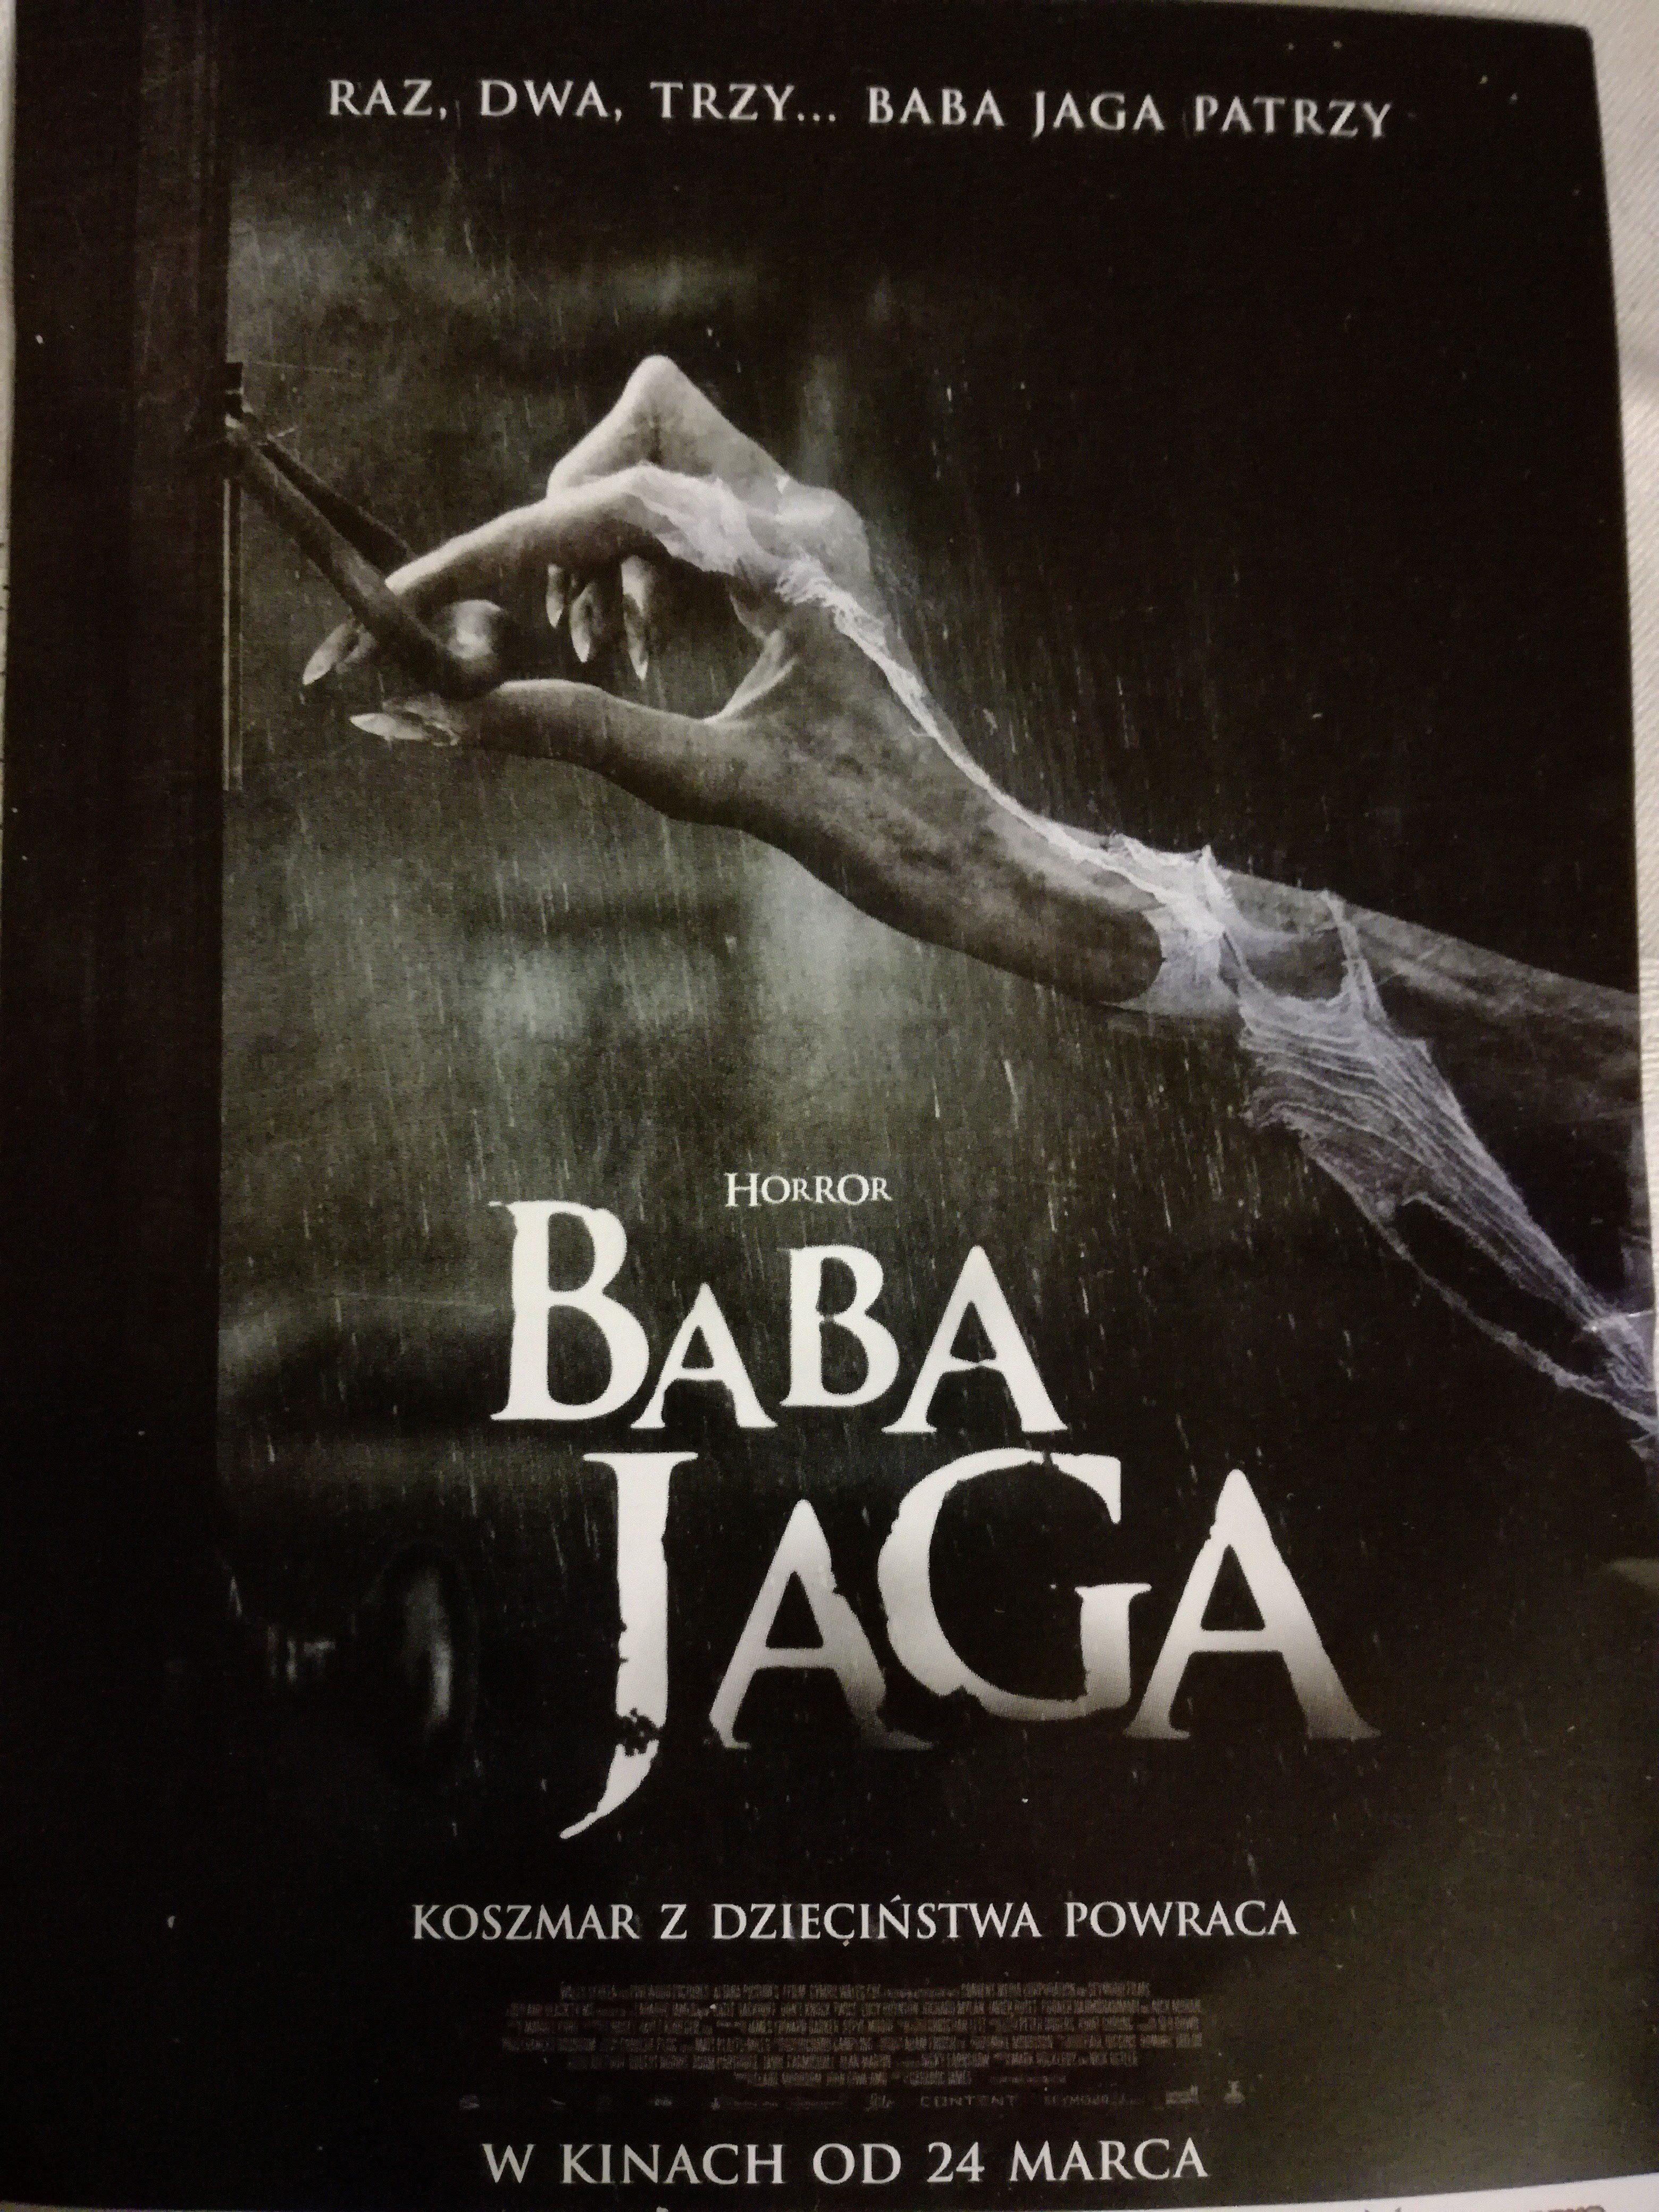 Raz, dwa, trzy Baba Jaga patrzy…